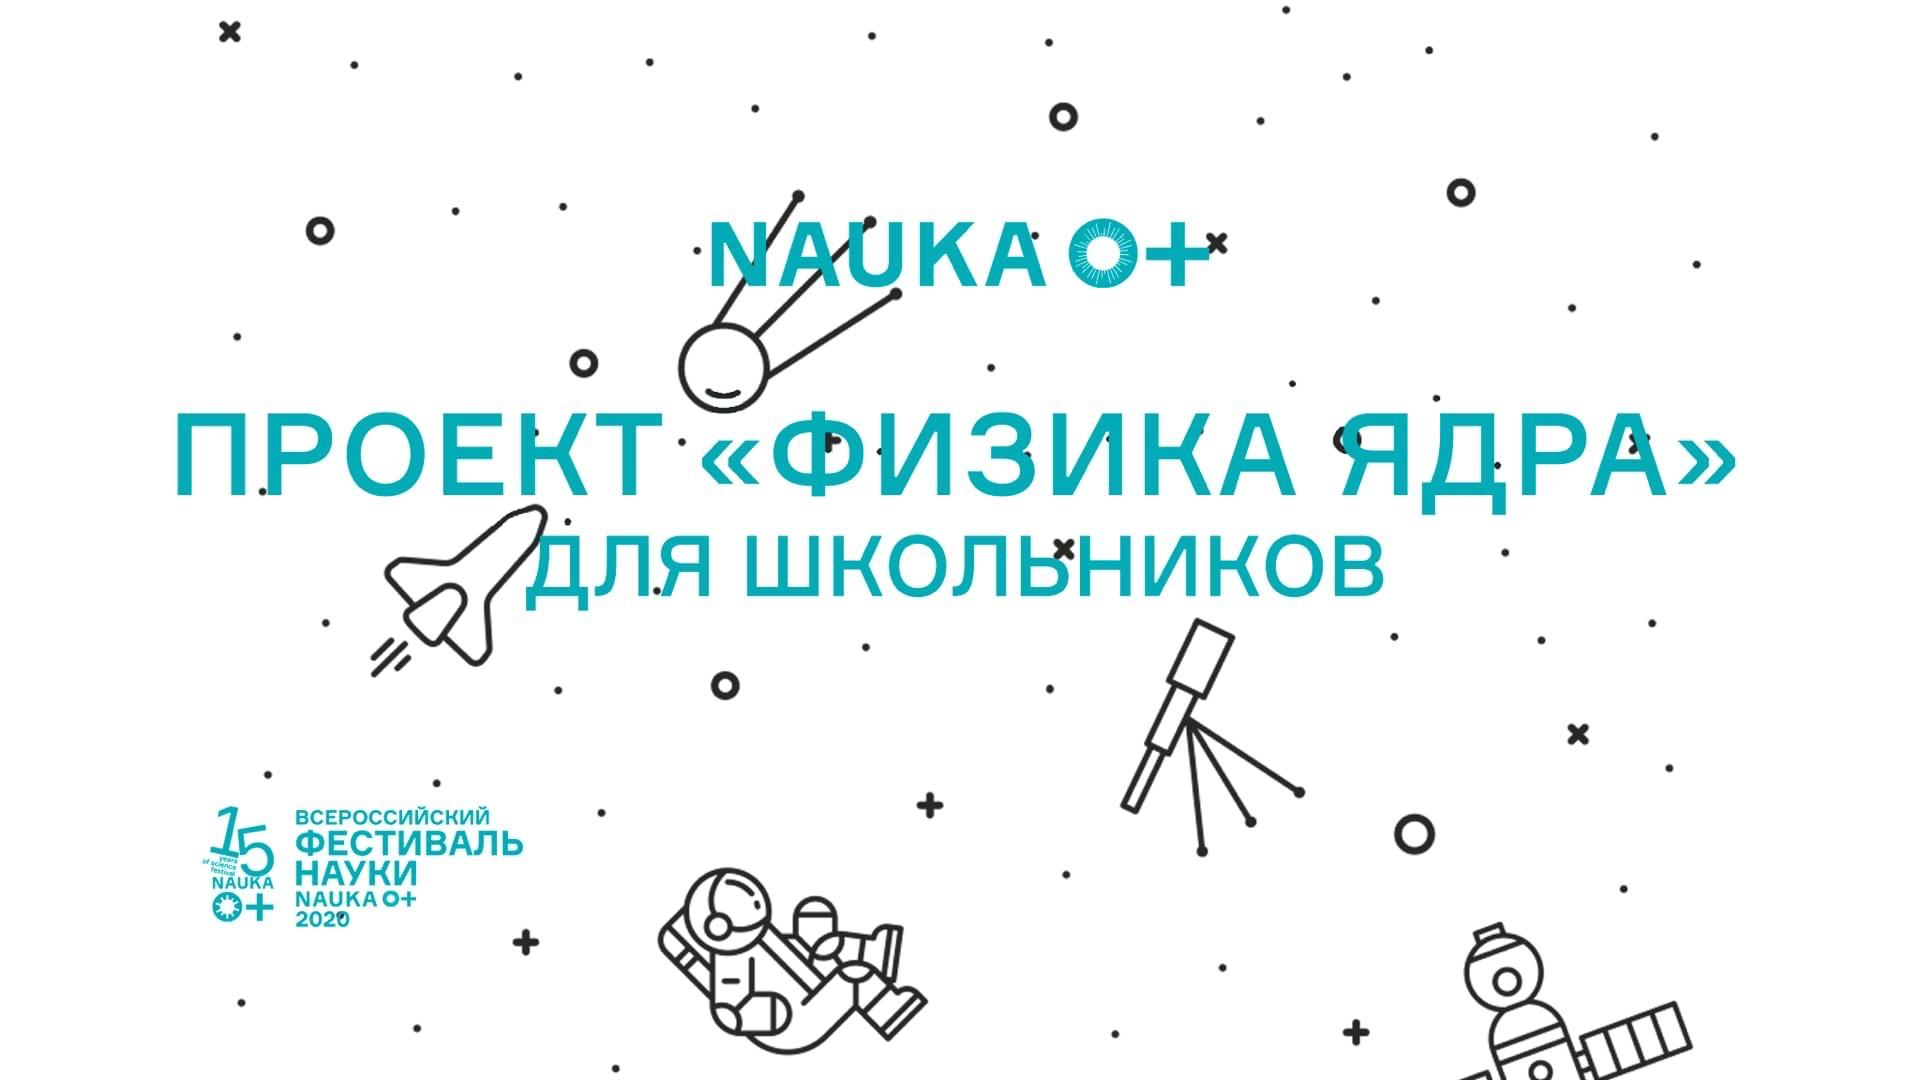 Всероссийский фестиваль науки «NAUKA 0+»–2020